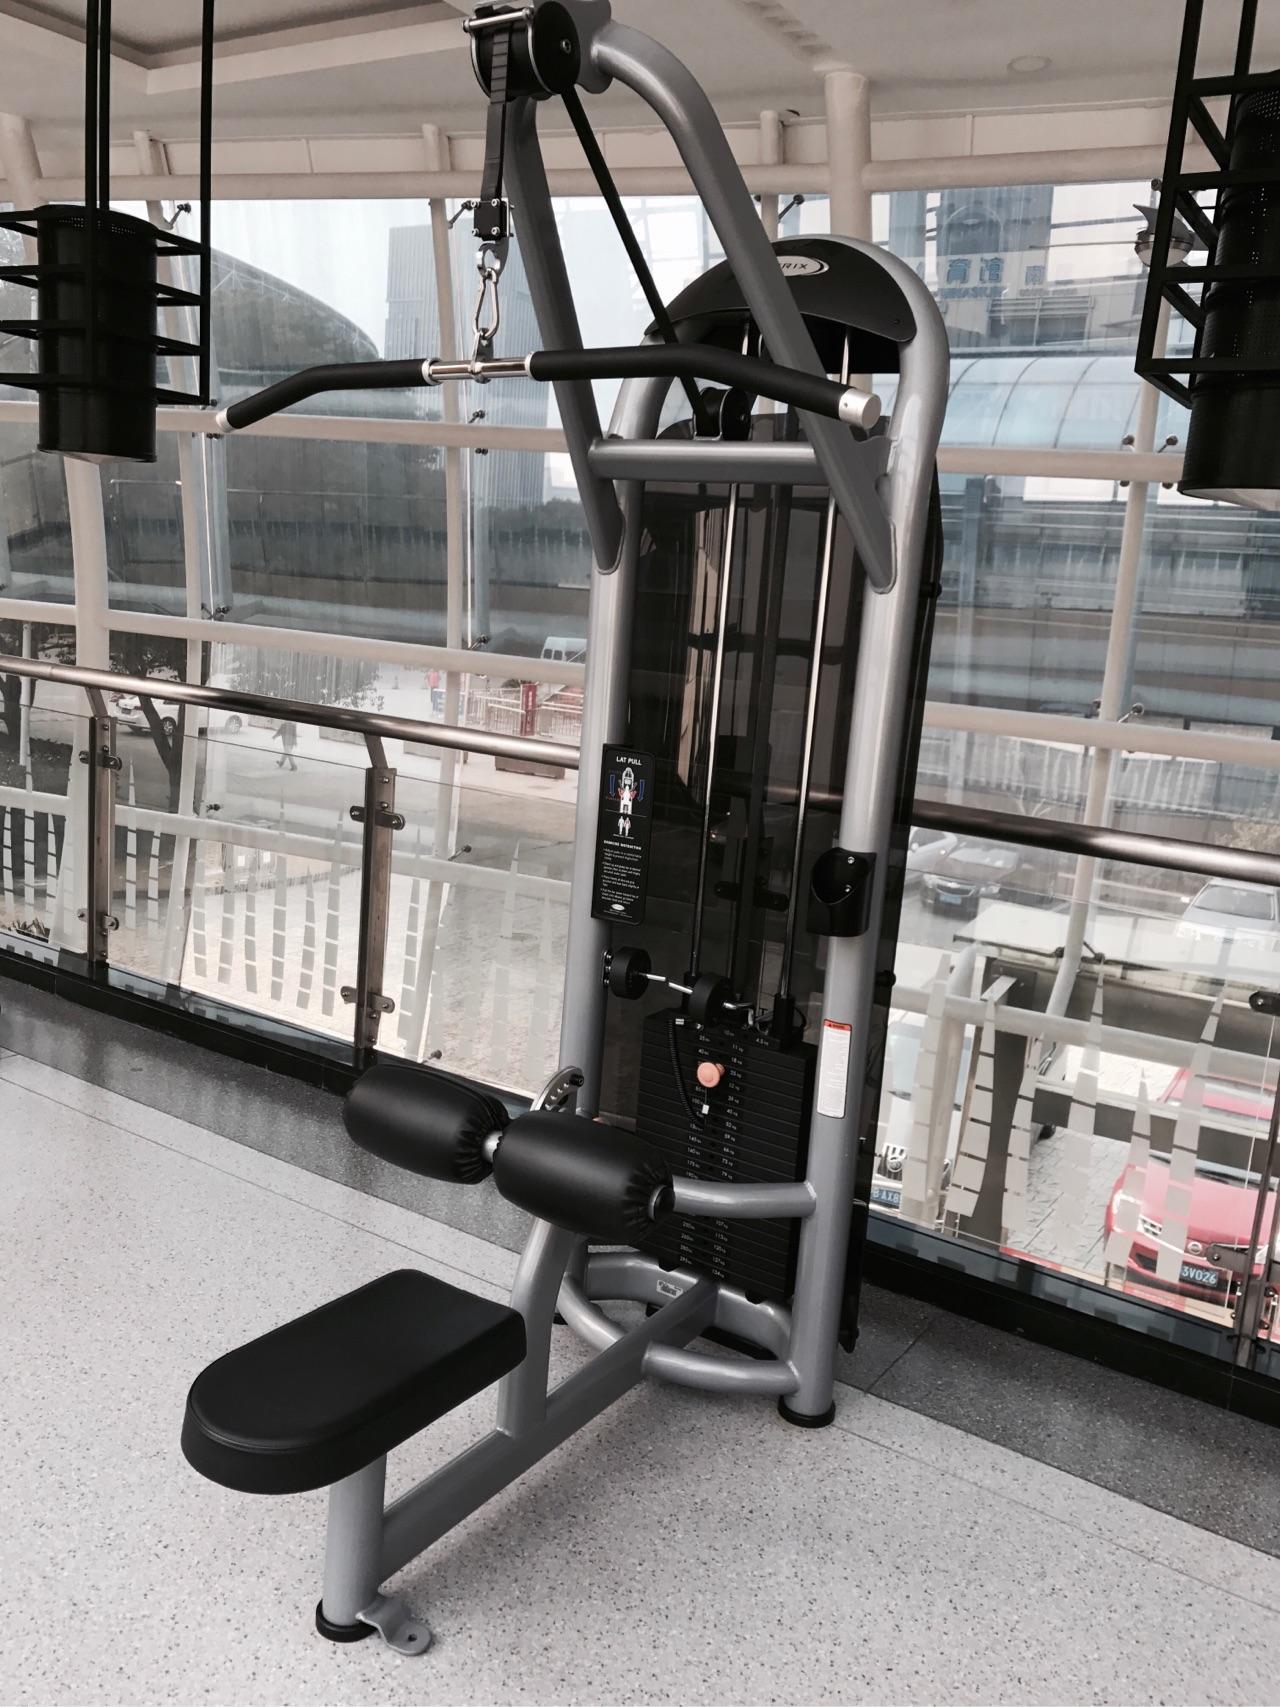 寫給新手小白的建議--如何挑選合適的健身房 健身房常備器械 - 知乎